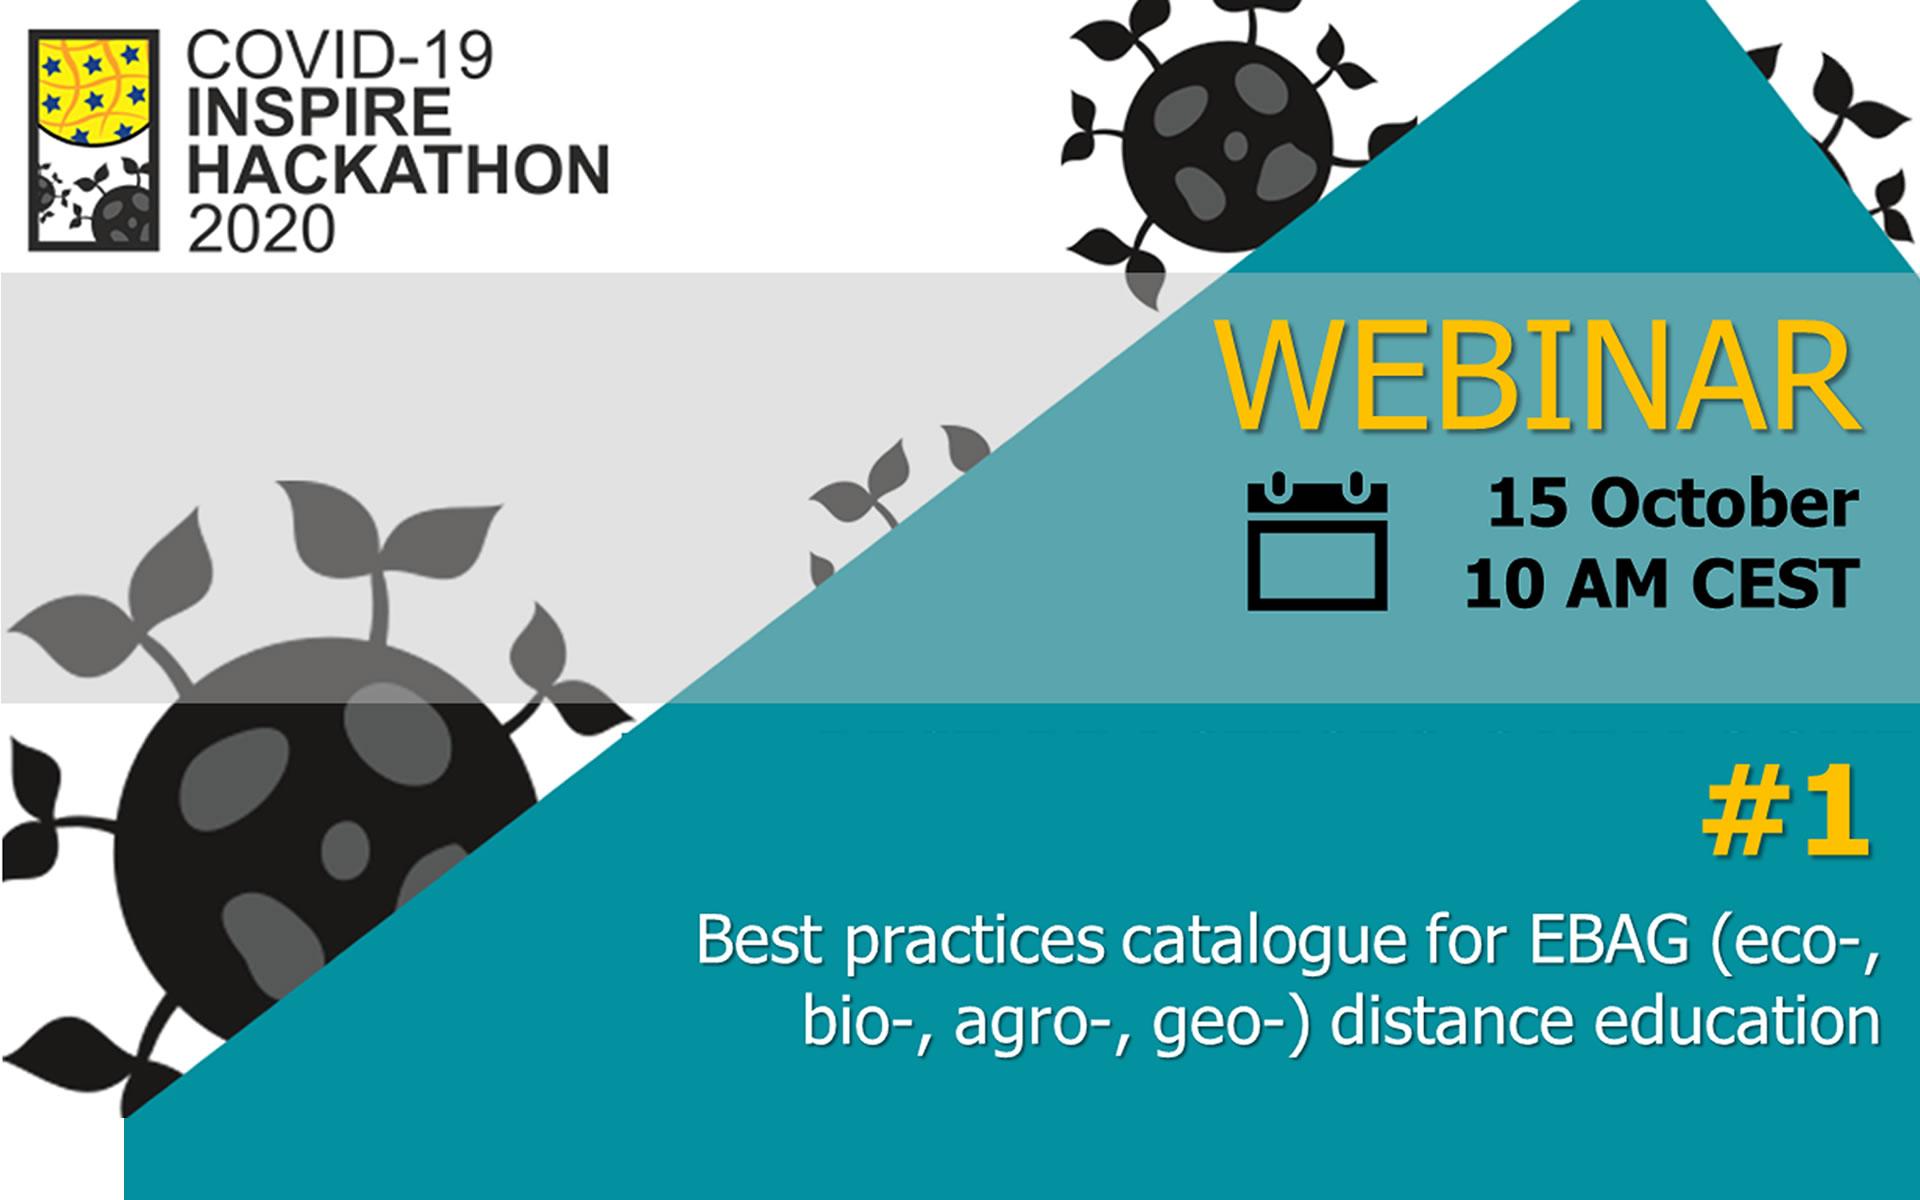 webinar-covid-19-inspire-hackathon-challenge-01